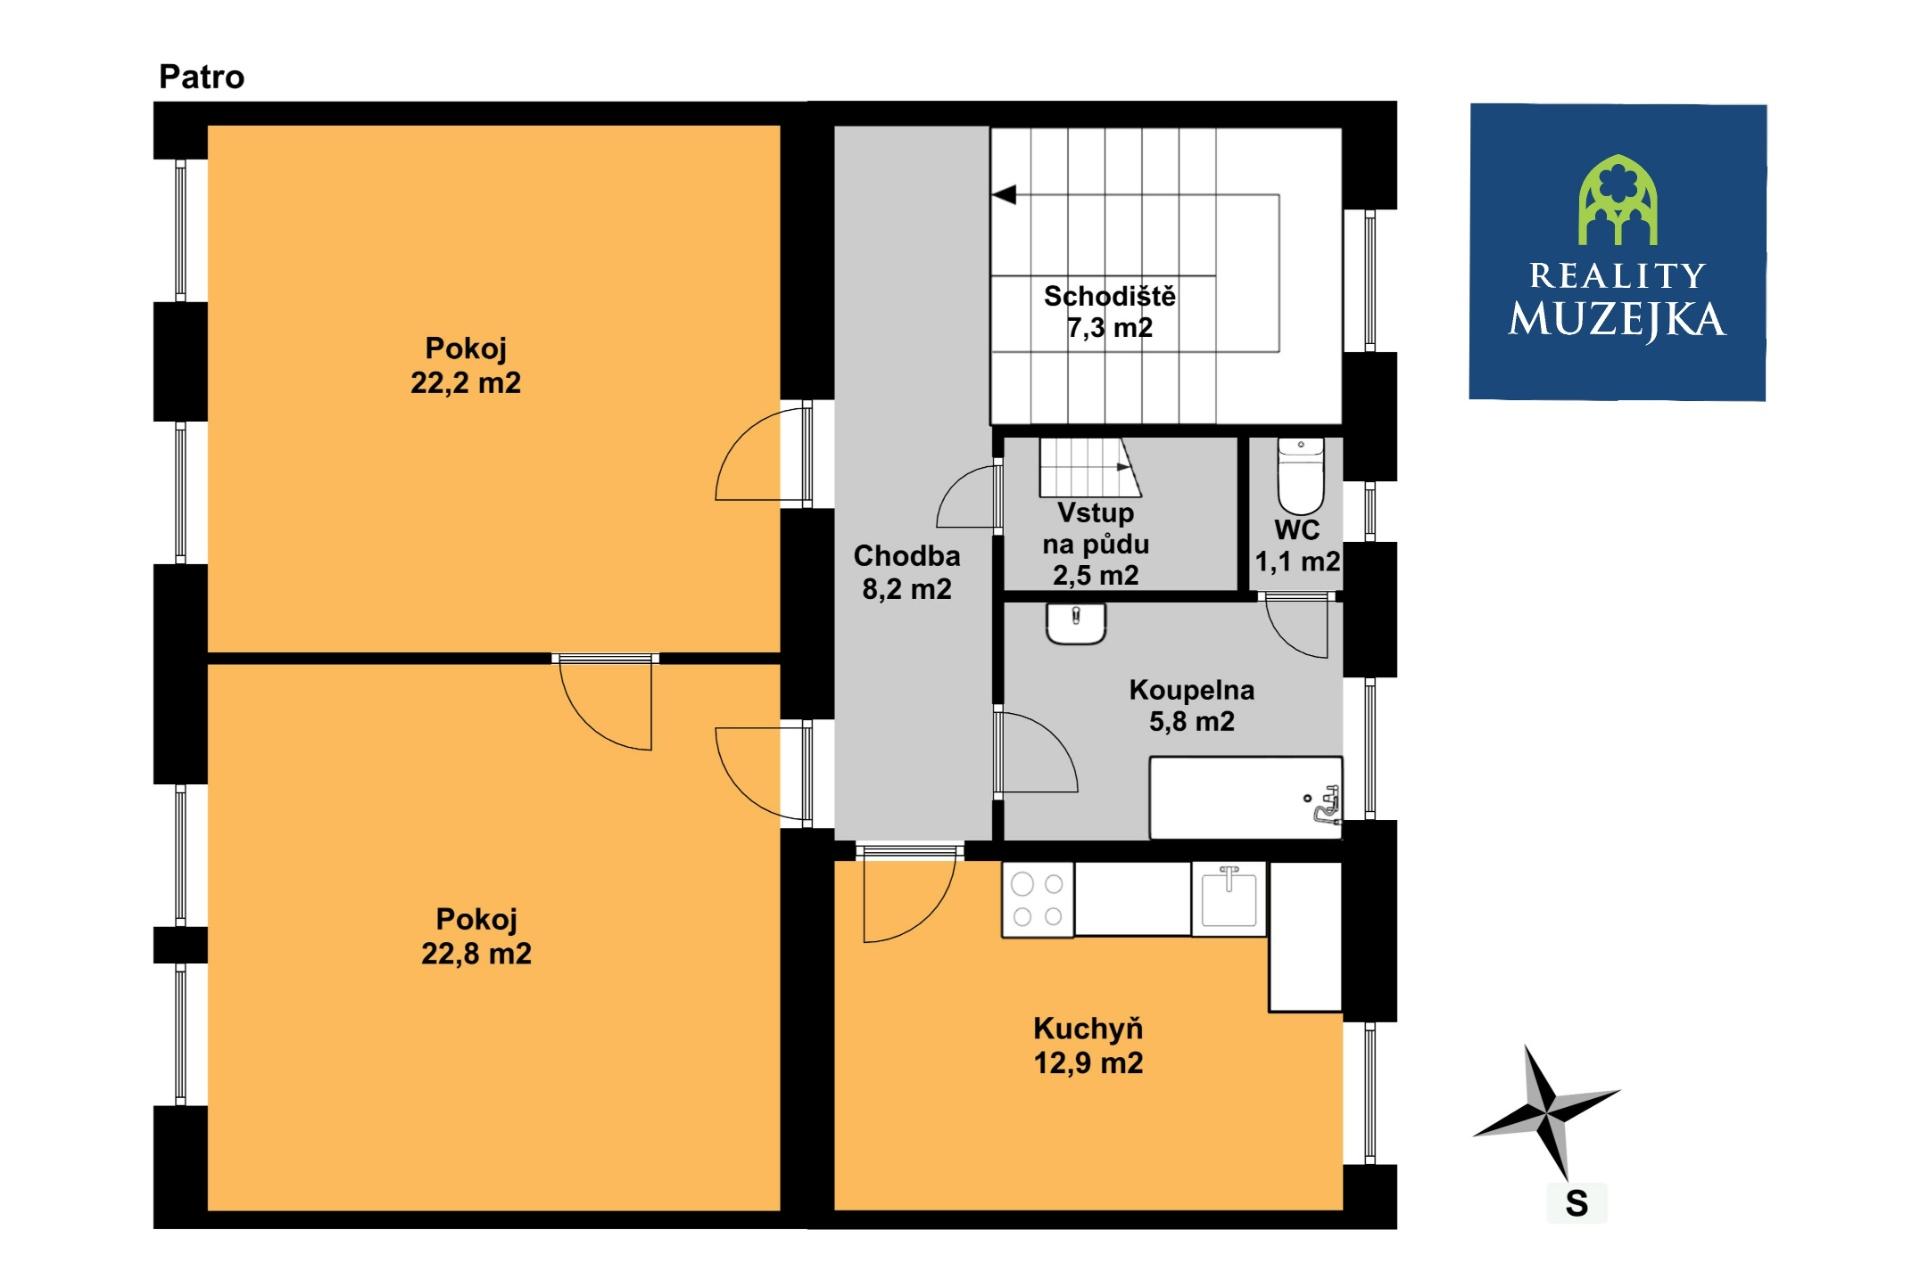 Jak správně spočítat plochu bytu